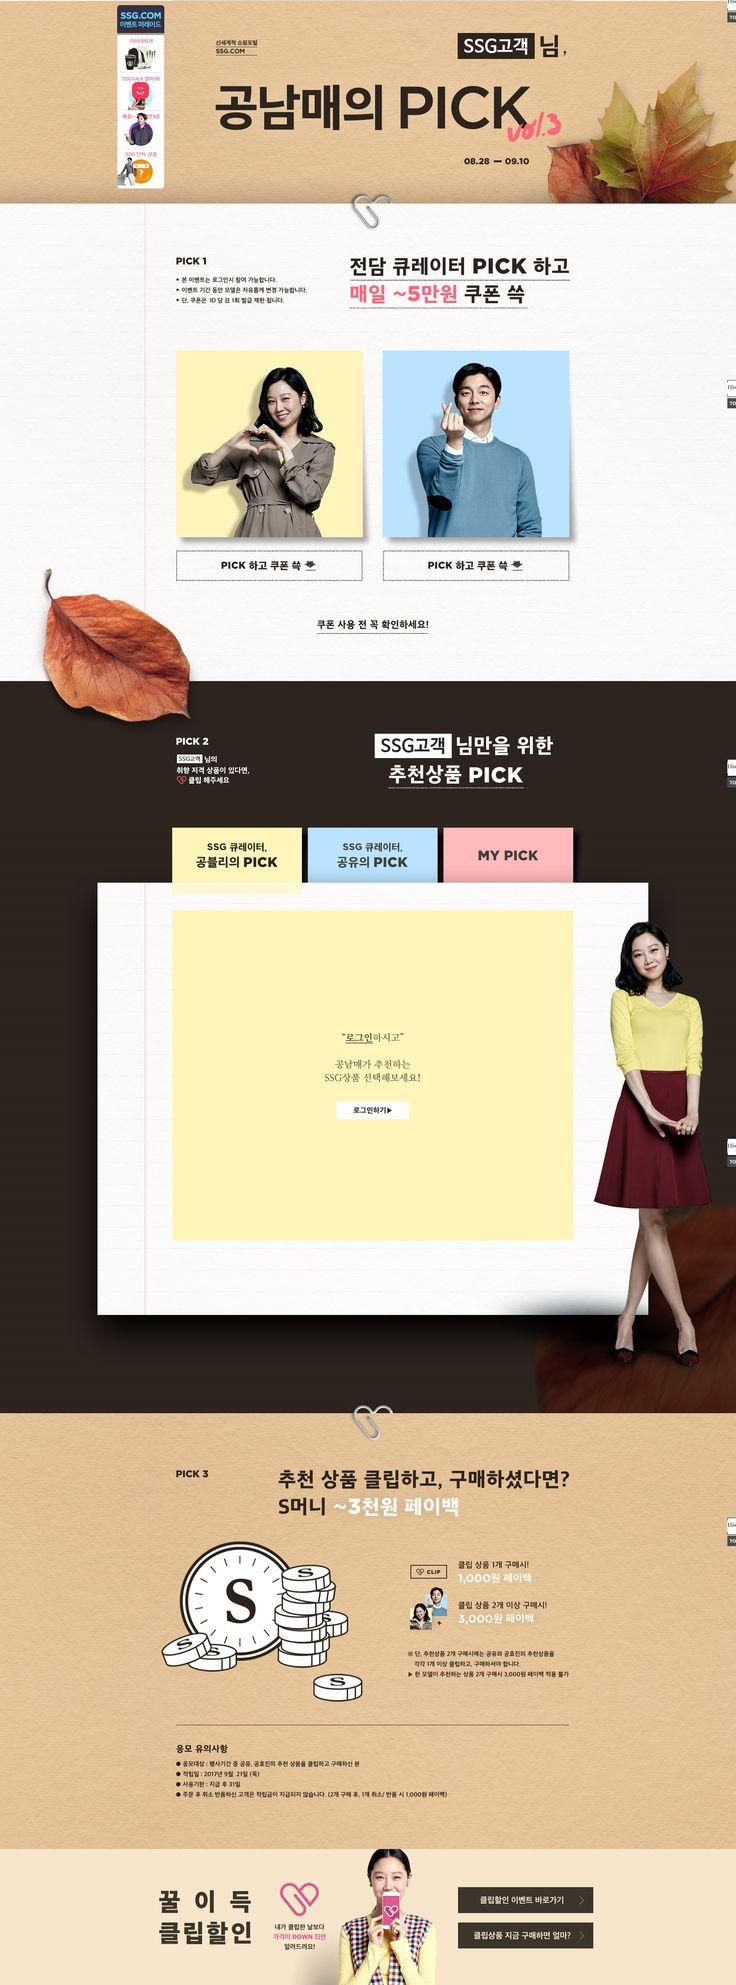 #2017년8월5주차 #ssg닷컴 #공남매의 pick ww.ssg.com